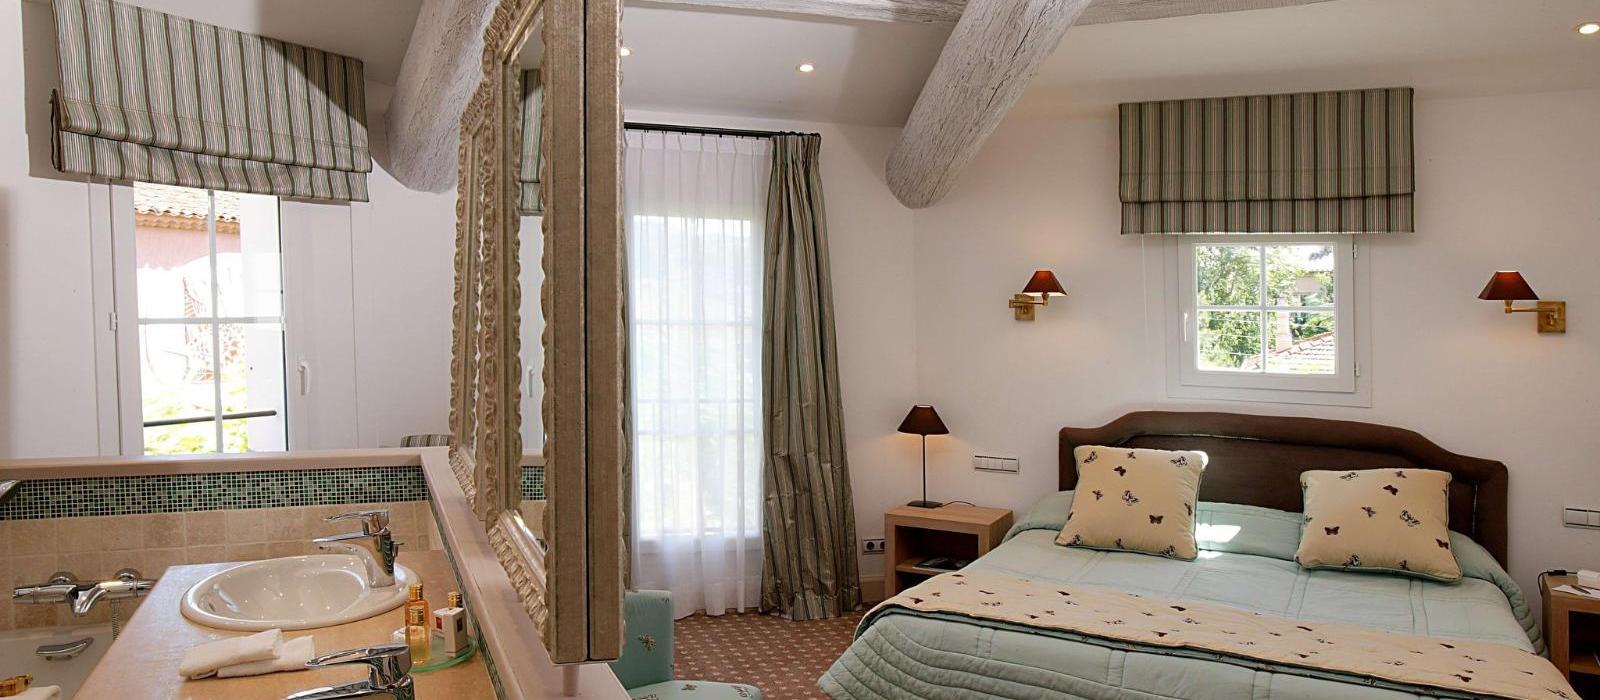 圣特罗佩碧珮乐思酒店(Hotel Byblos Saint-Tropez) 经典客房图片  www.lhw.cn